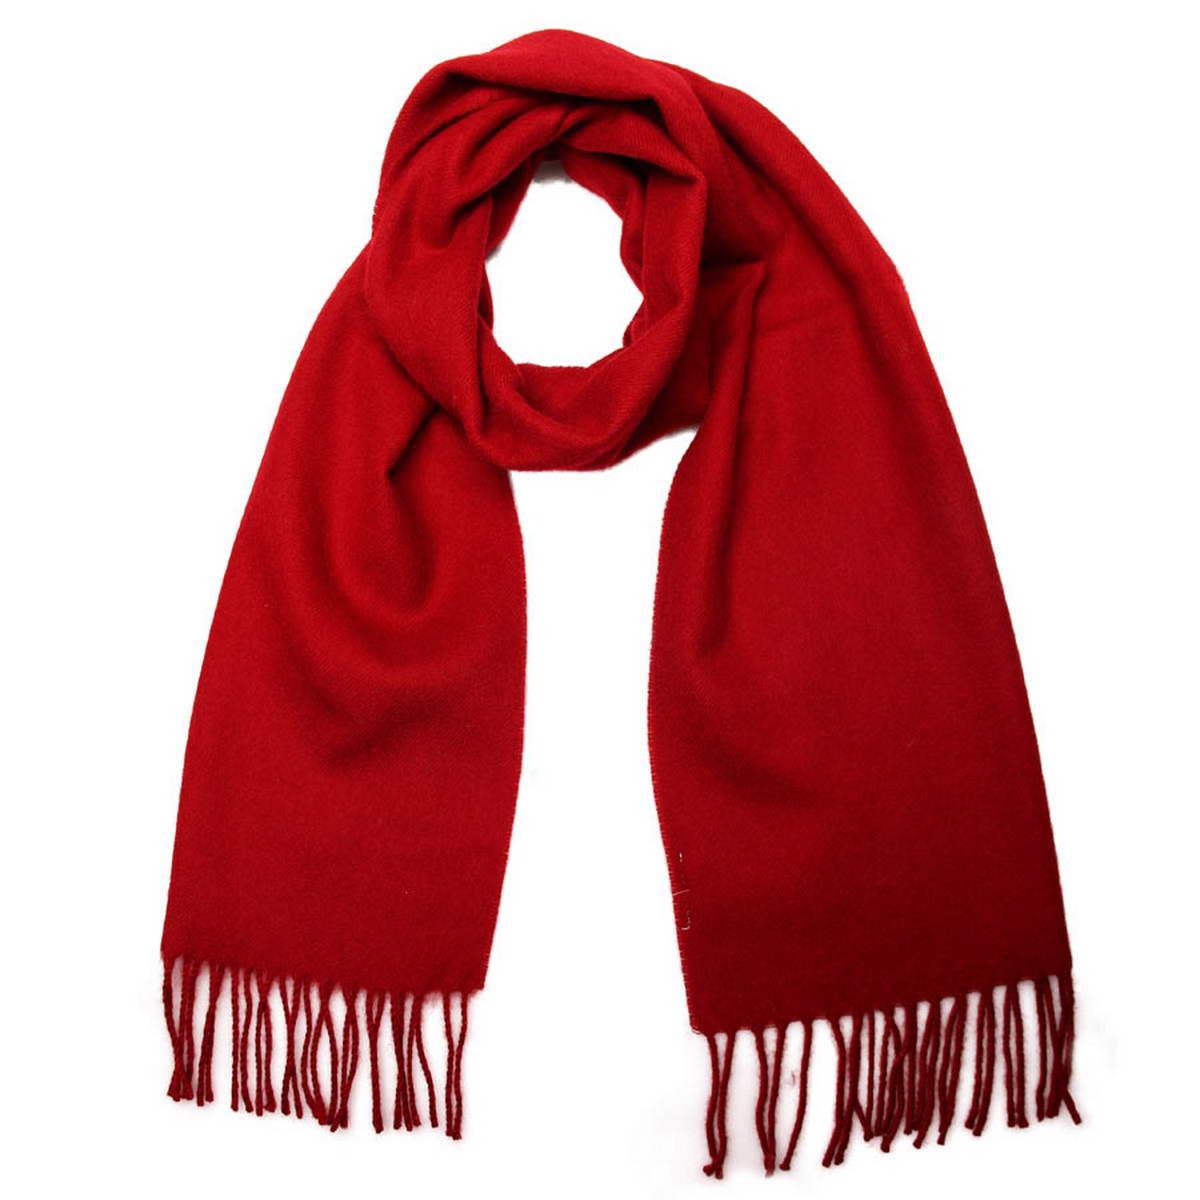 Шарф5002332-4Элегантный мужской шарф Venera согреет вас в холодное время года, а также станет изысканным аксессуаром, который призван подчеркнуть ваш стиль и индивидуальность. Оригинальный теплый шарф выполнен из высококачественной шерстяной пряжи. Однотонный шарф дополнен бахромой в виде жгутиков по краю. Такой шарф станет превосходным дополнением к любому наряду, защитит вас от ветра и холода и позволит вам создать свой неповторимый стиль.